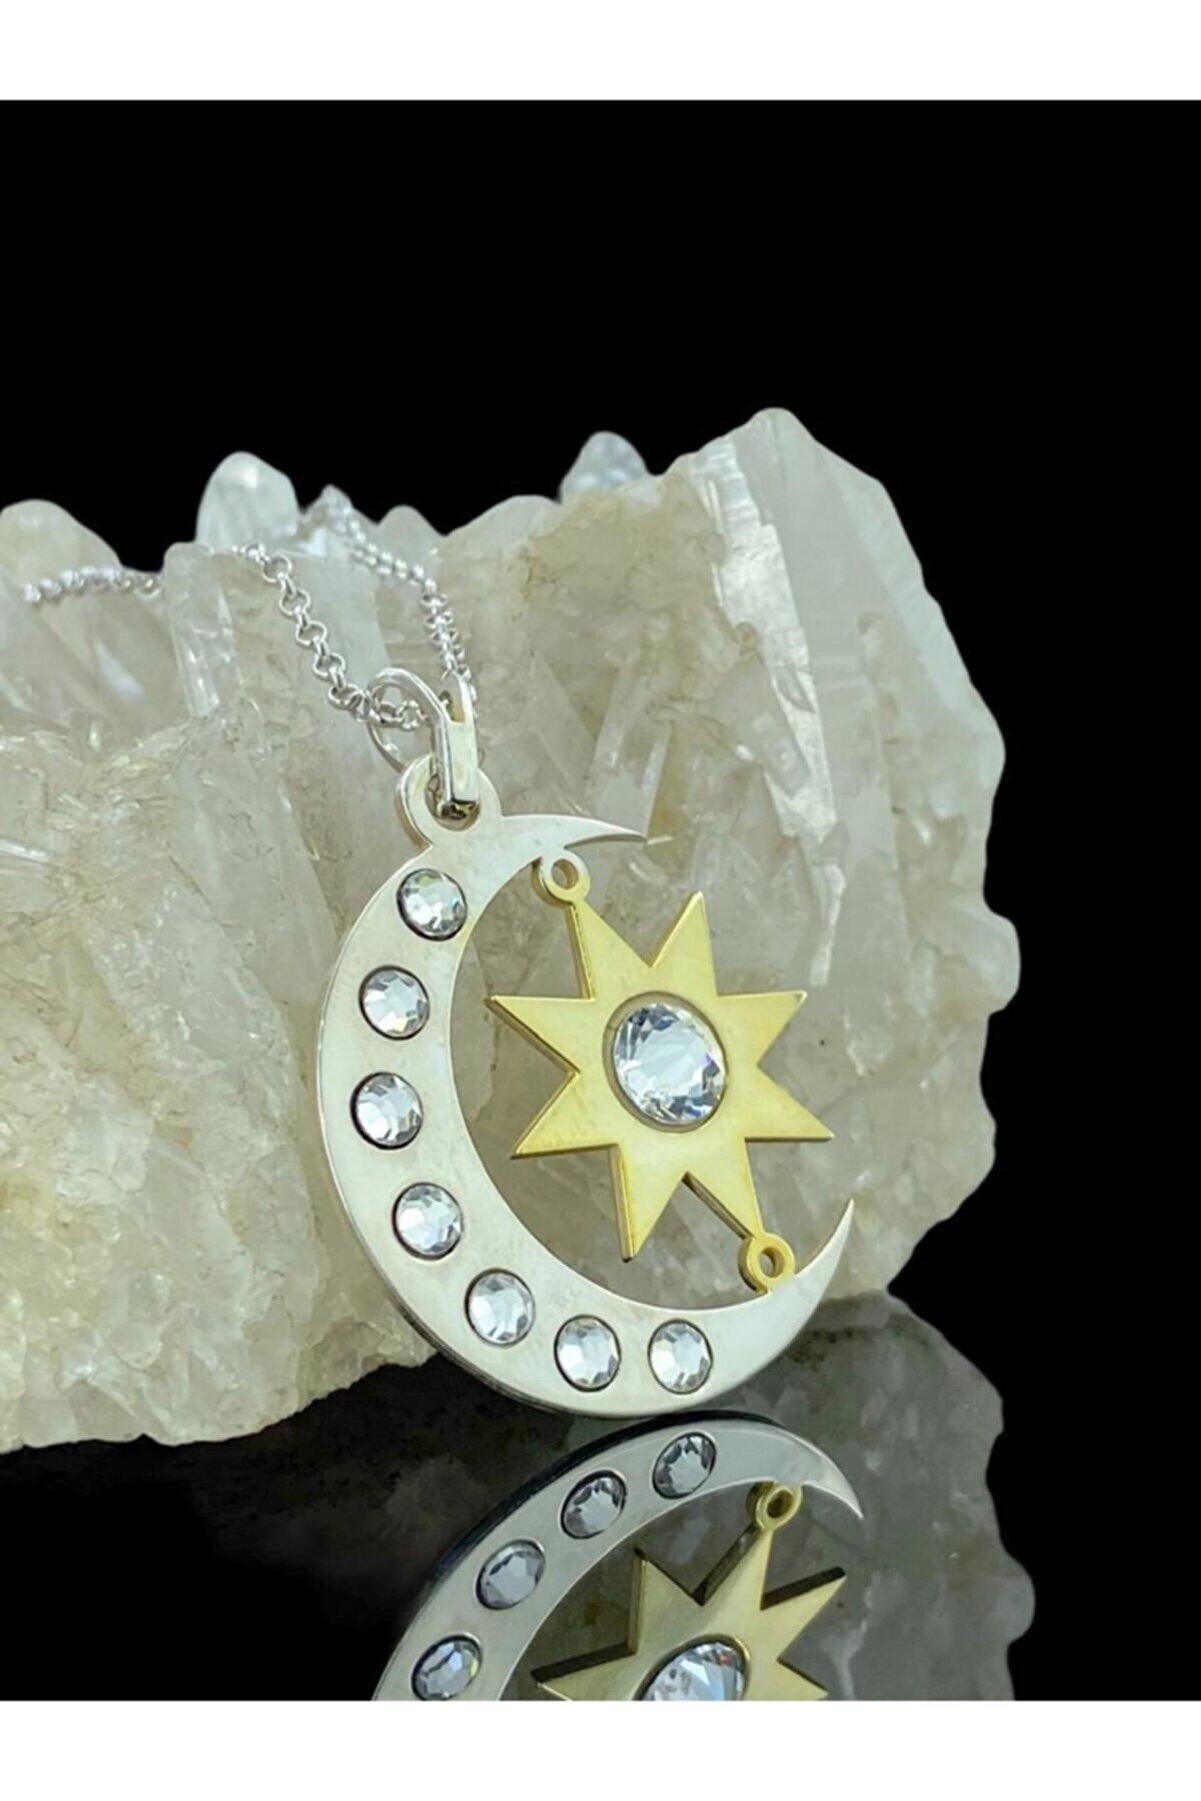 MaGümüş Soy Ve Luna Özel Tasarım Ay Ve Güneş 925 Gümüş Kolye